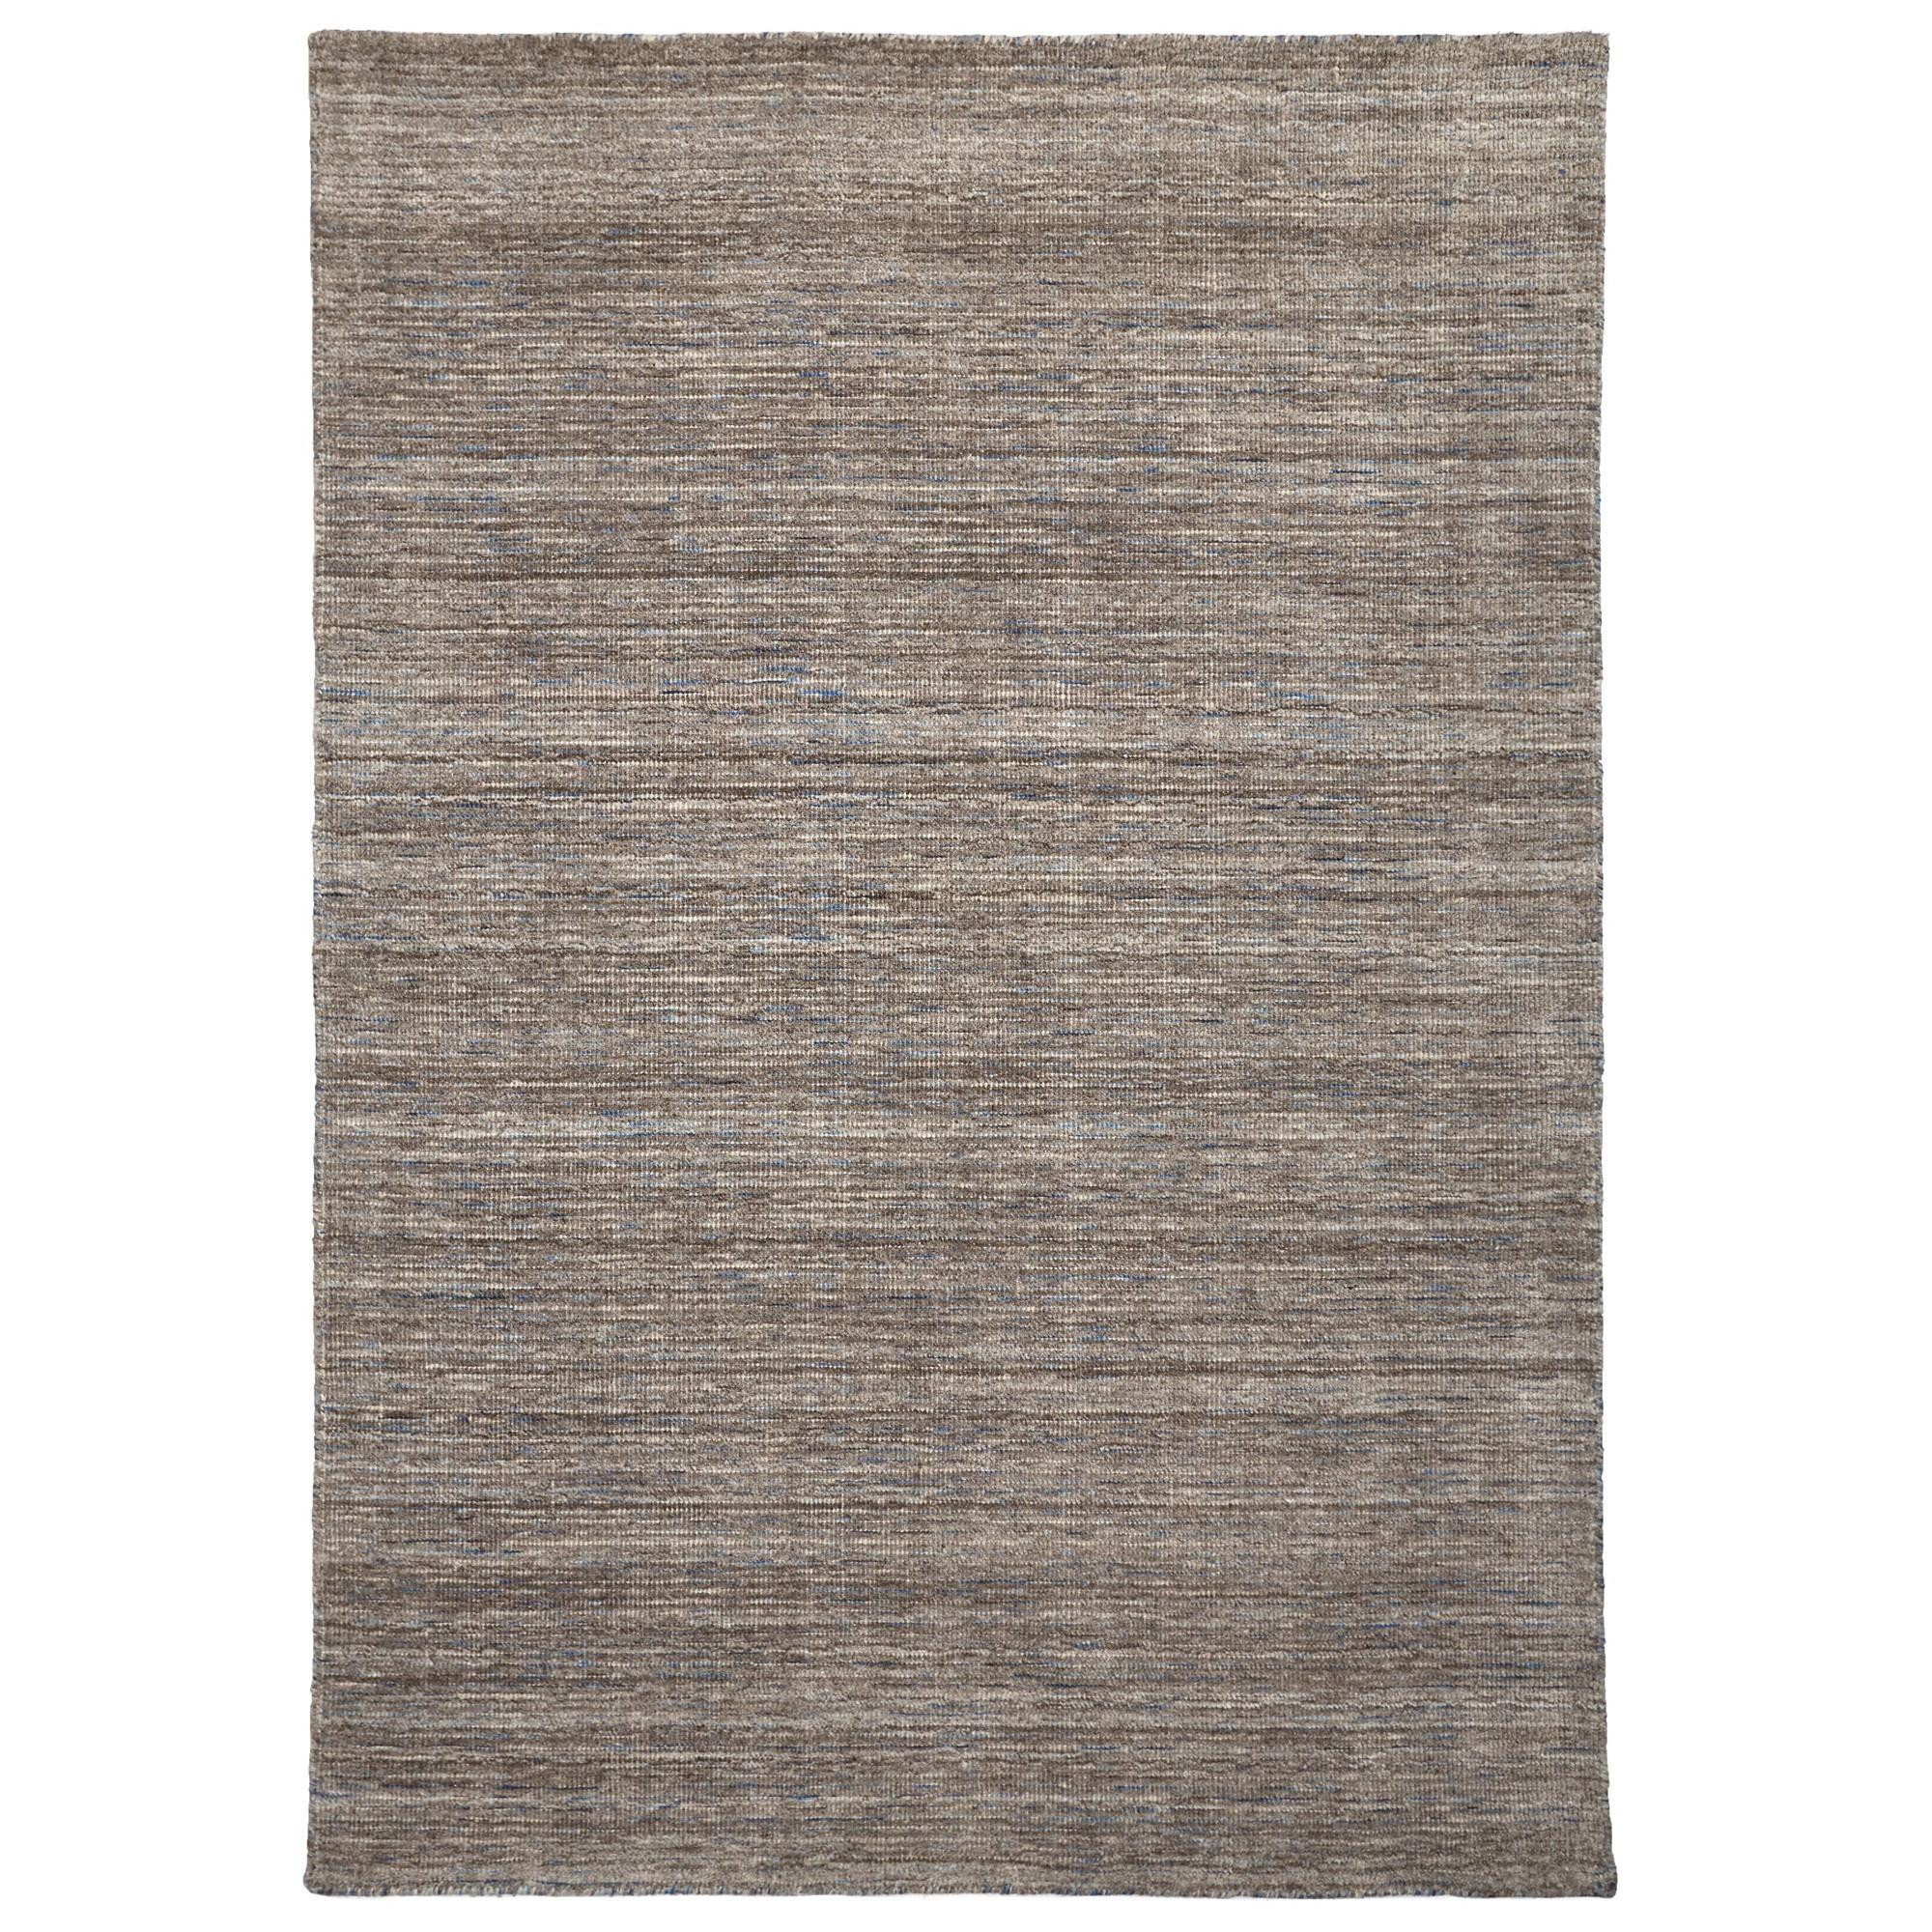 London Wool Rug, 225x155cm, Fawn